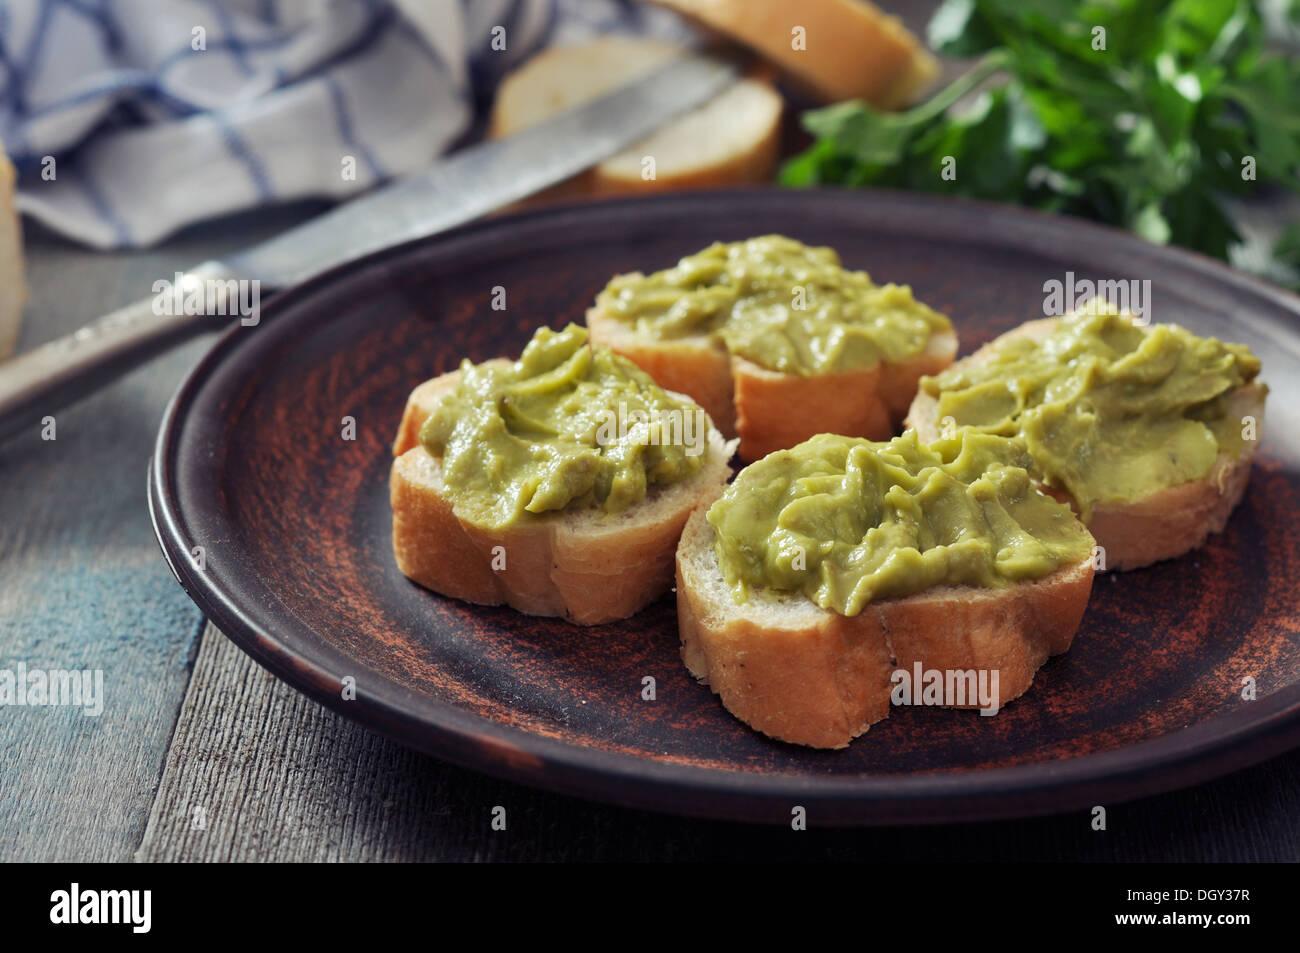 Delicioso aperitivo canapés de pan y guacamole se sirve con perejil closeup Imagen De Stock